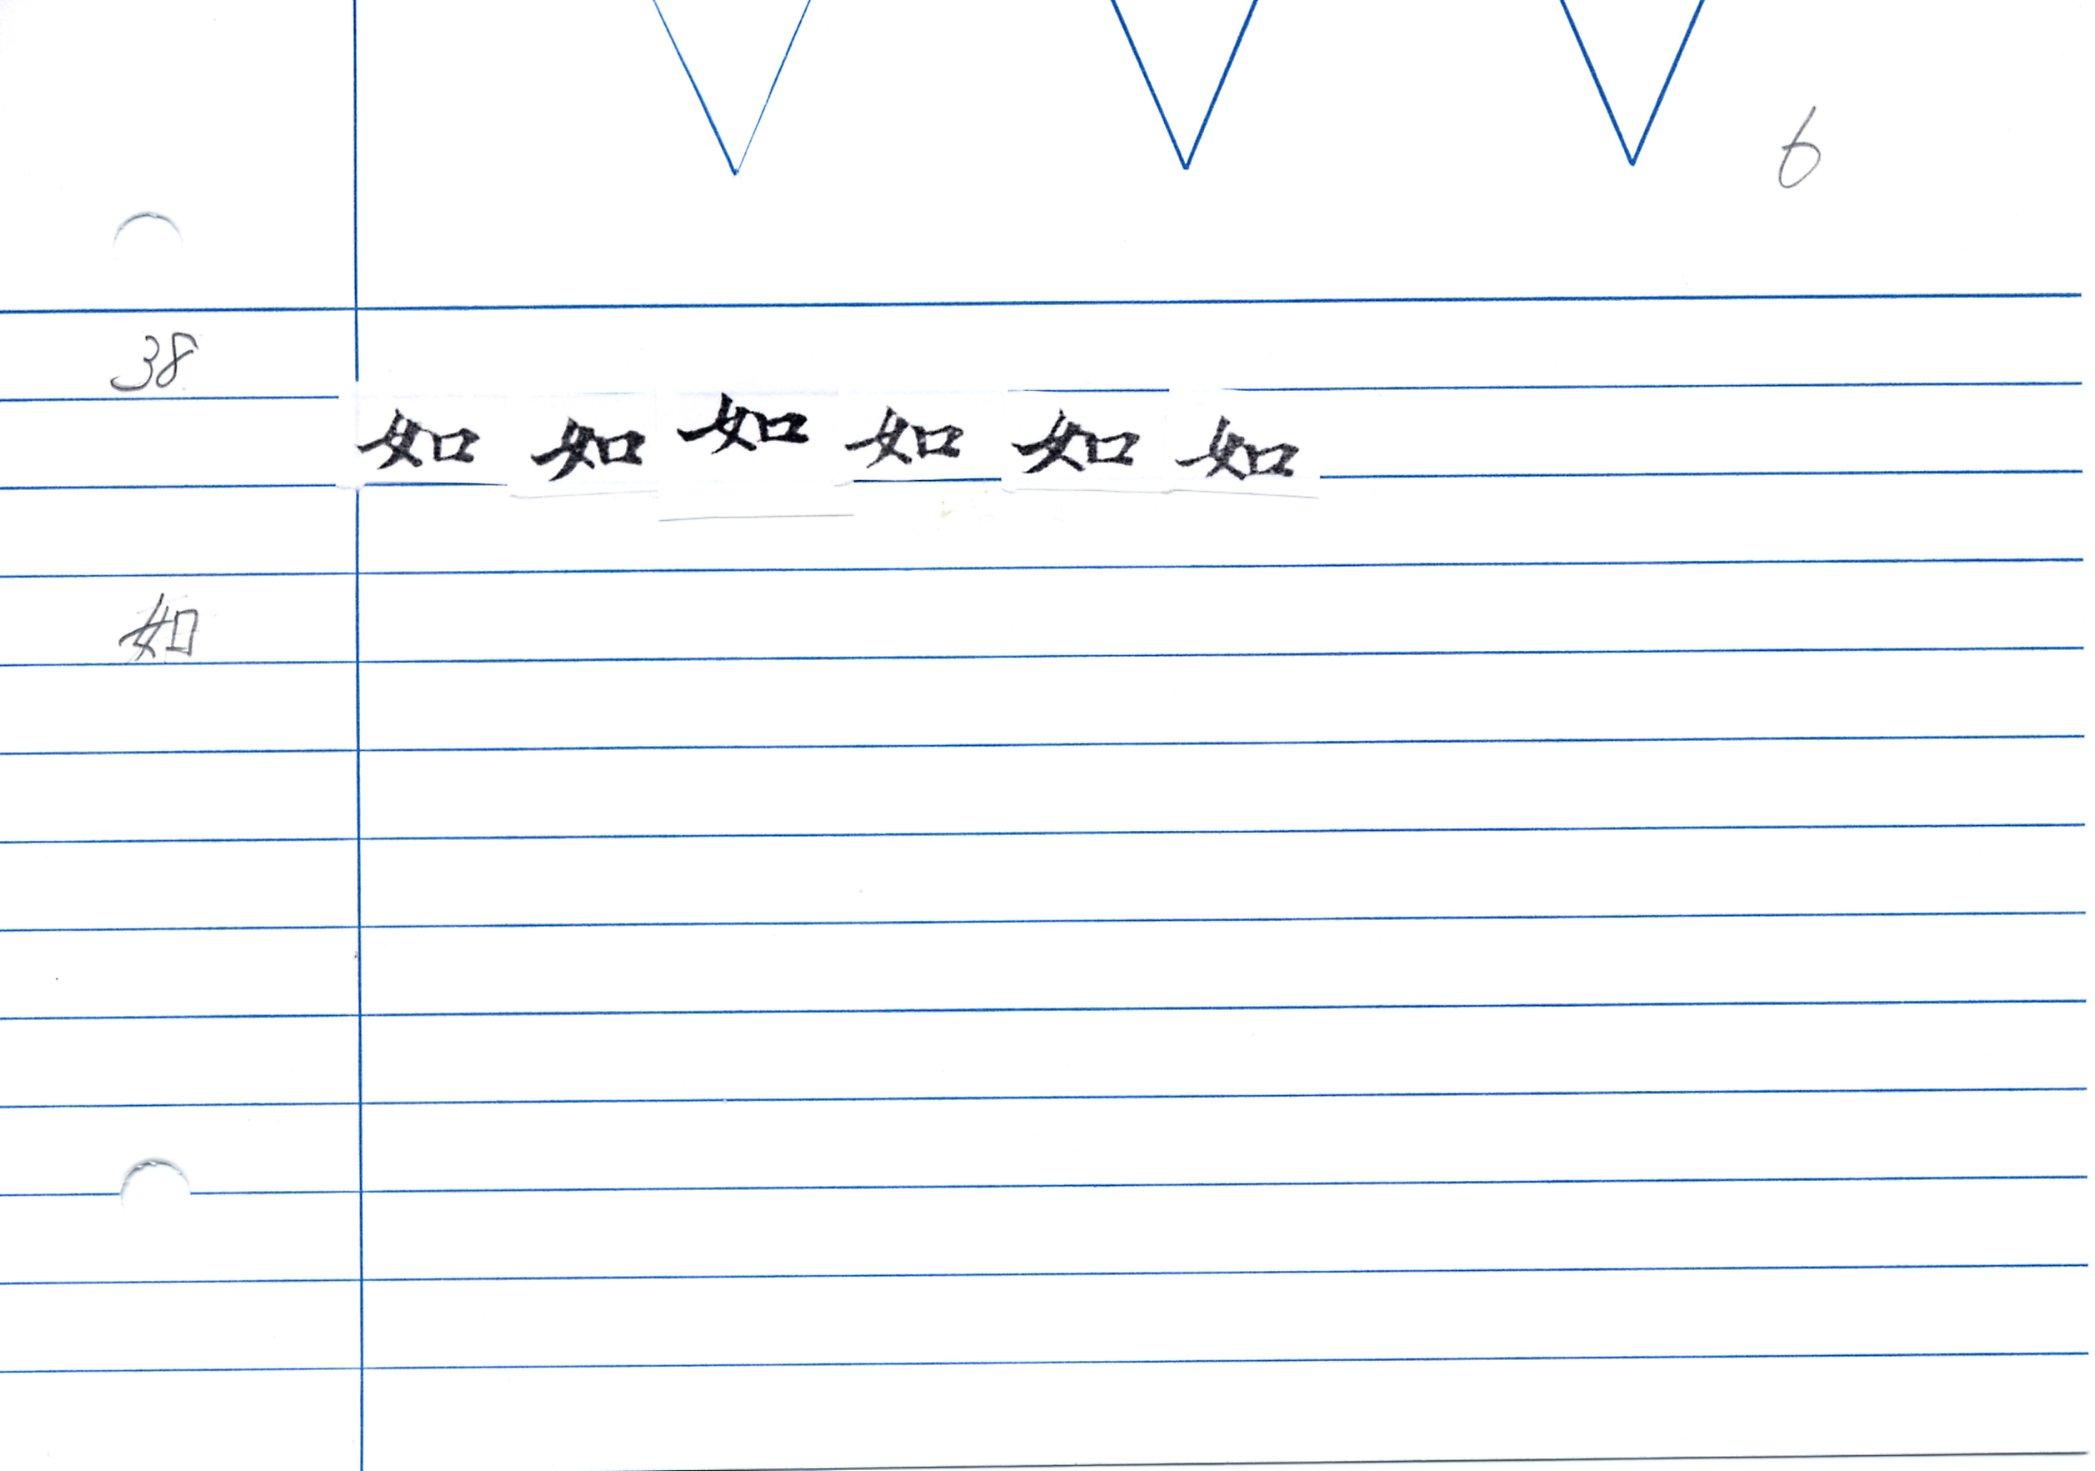 54_大般若經卷二百五十(和銅經)/cards/0068.JPG